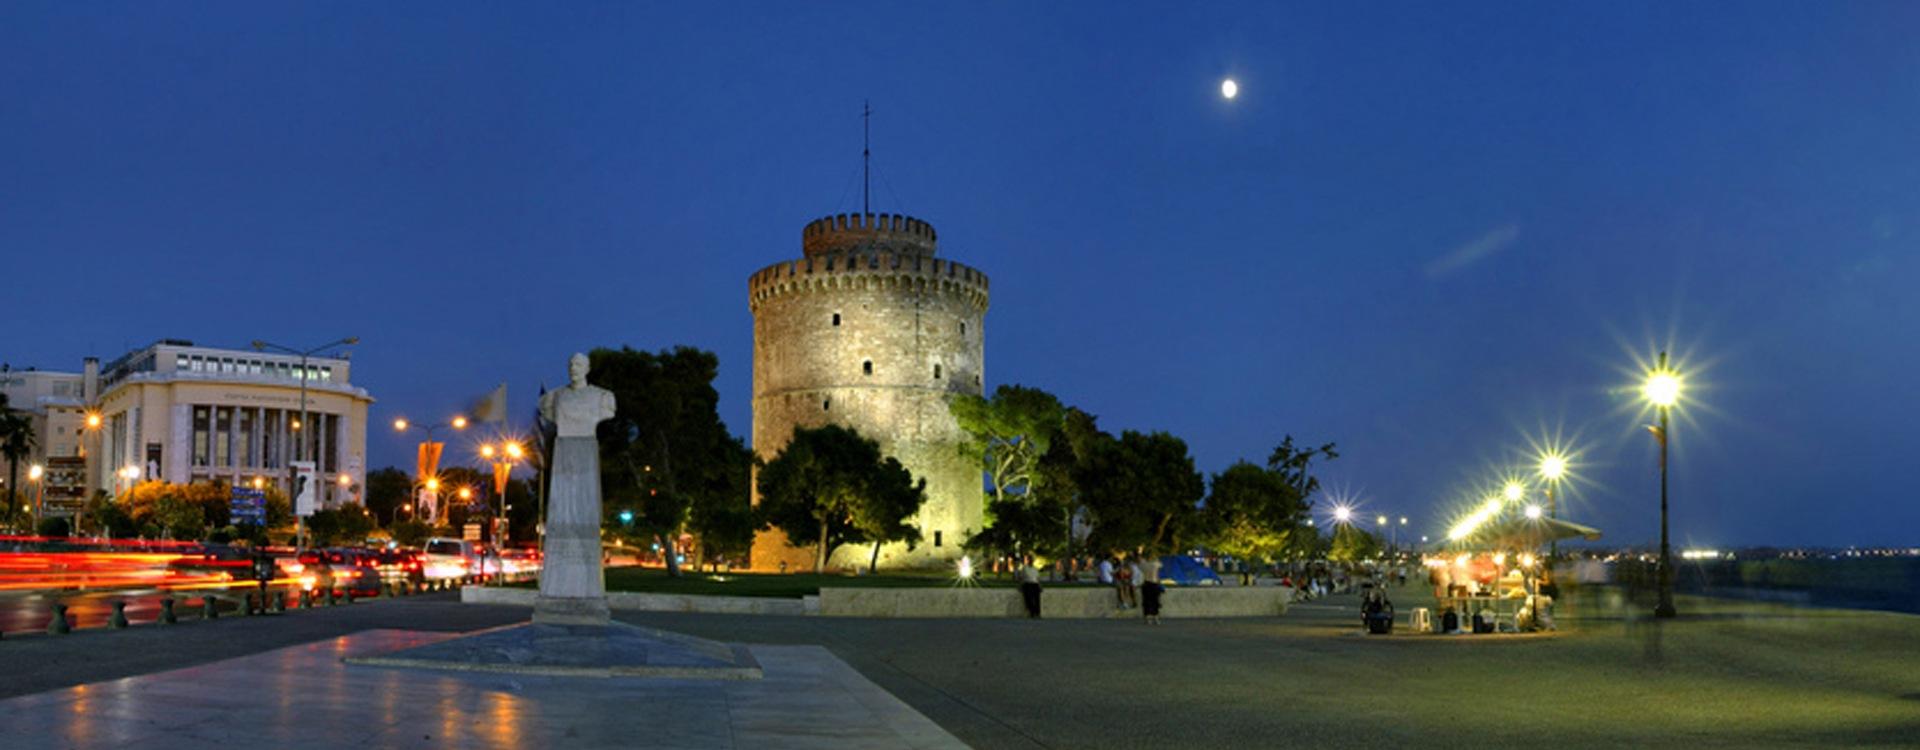 Τακτικά δρομολόγια προς Θεσσαλονίκη